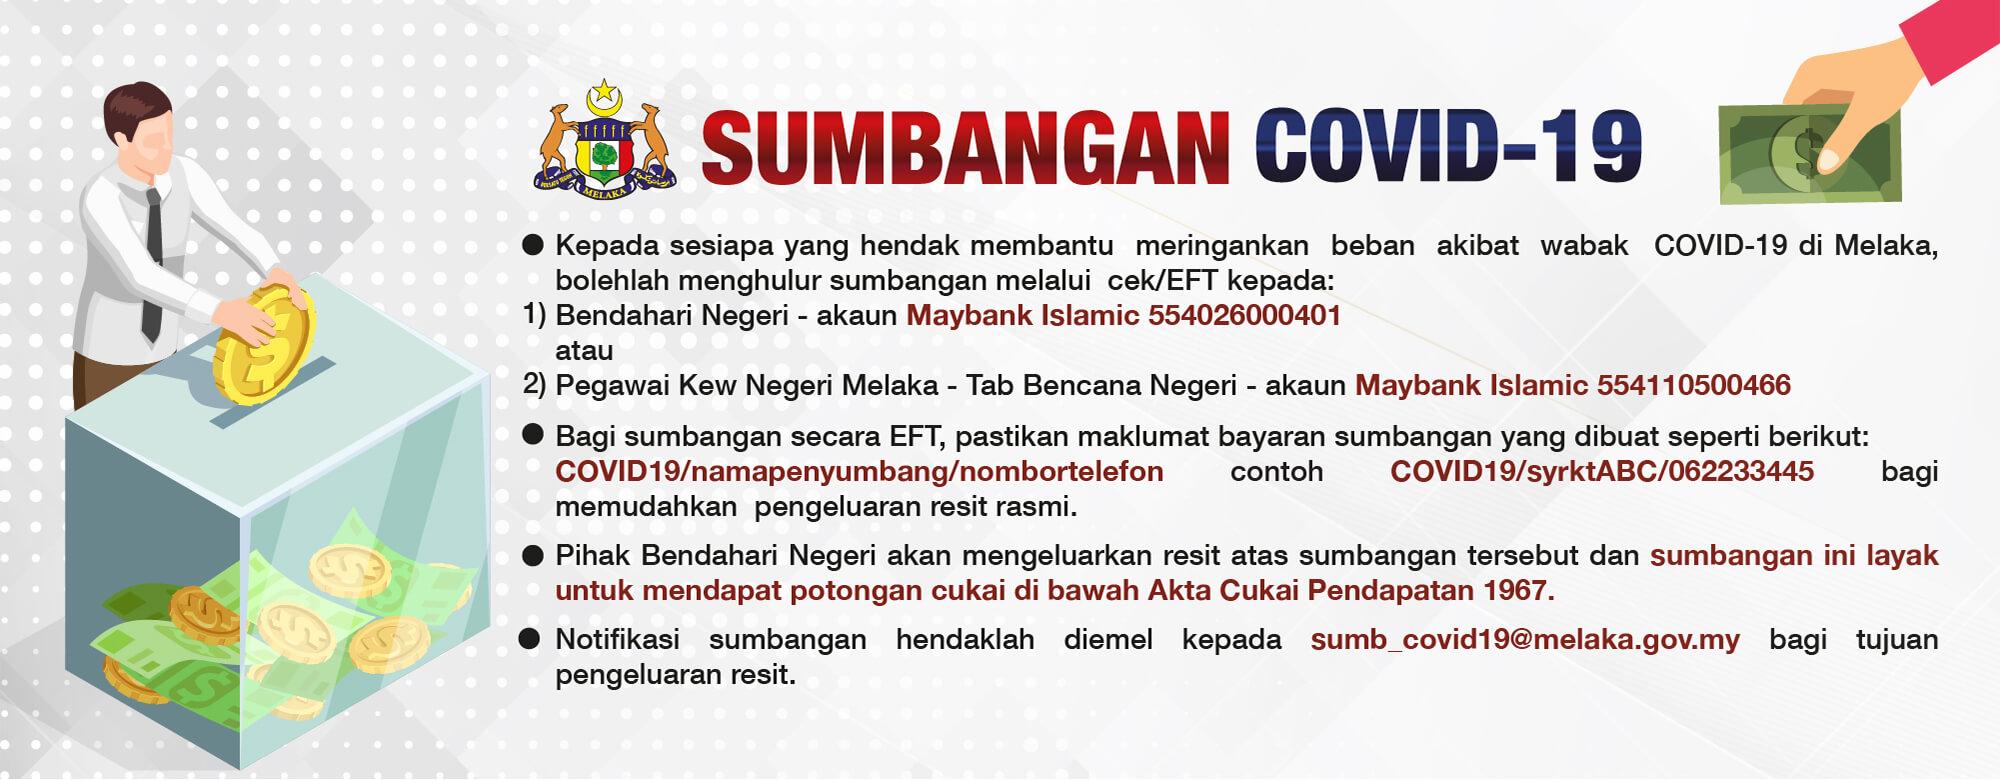 covid-19_sumbangan_melaka